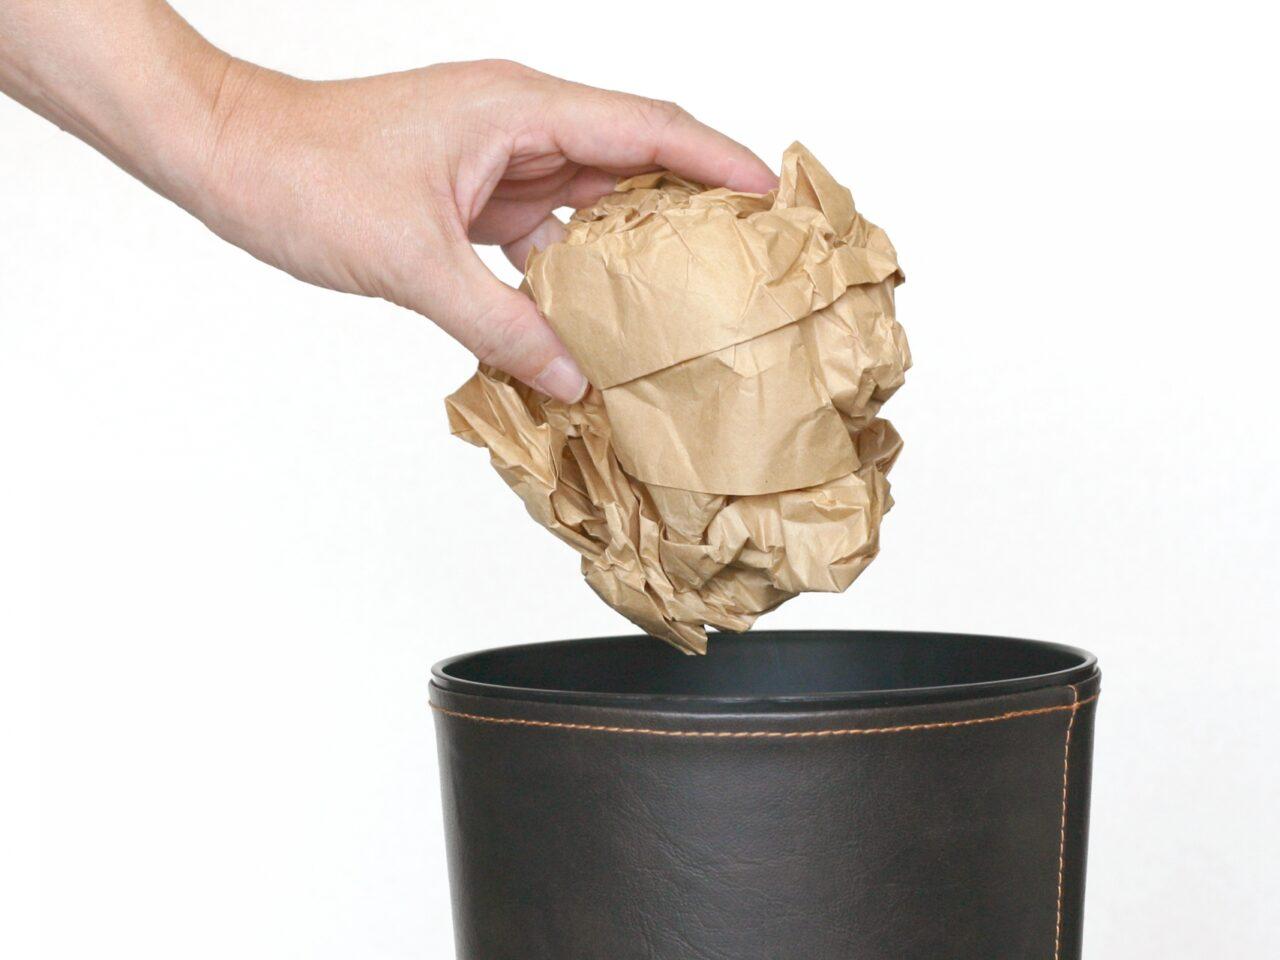 インスタのゴミ箱機能で戻すやり方を解説!どこにある?【Instagram】のサムネイル画像